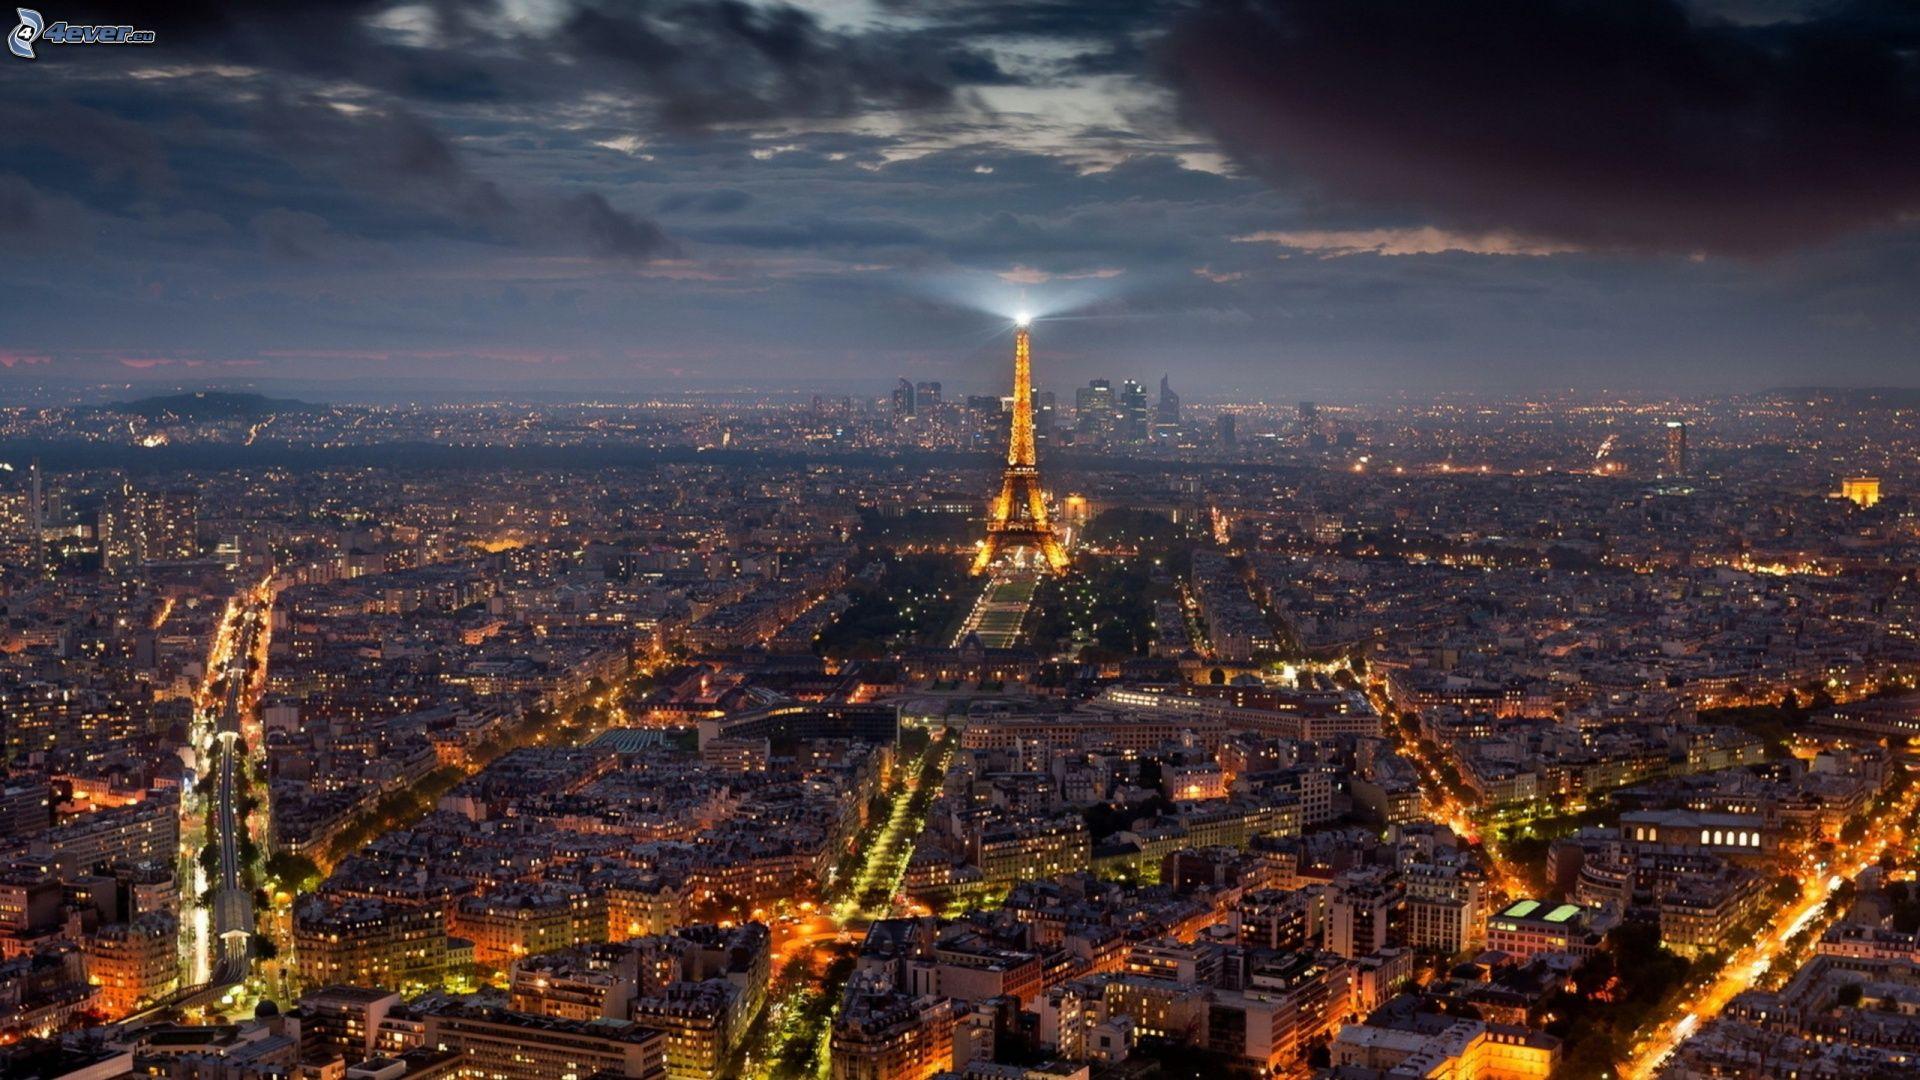 Paris for Piscine de nuit paris